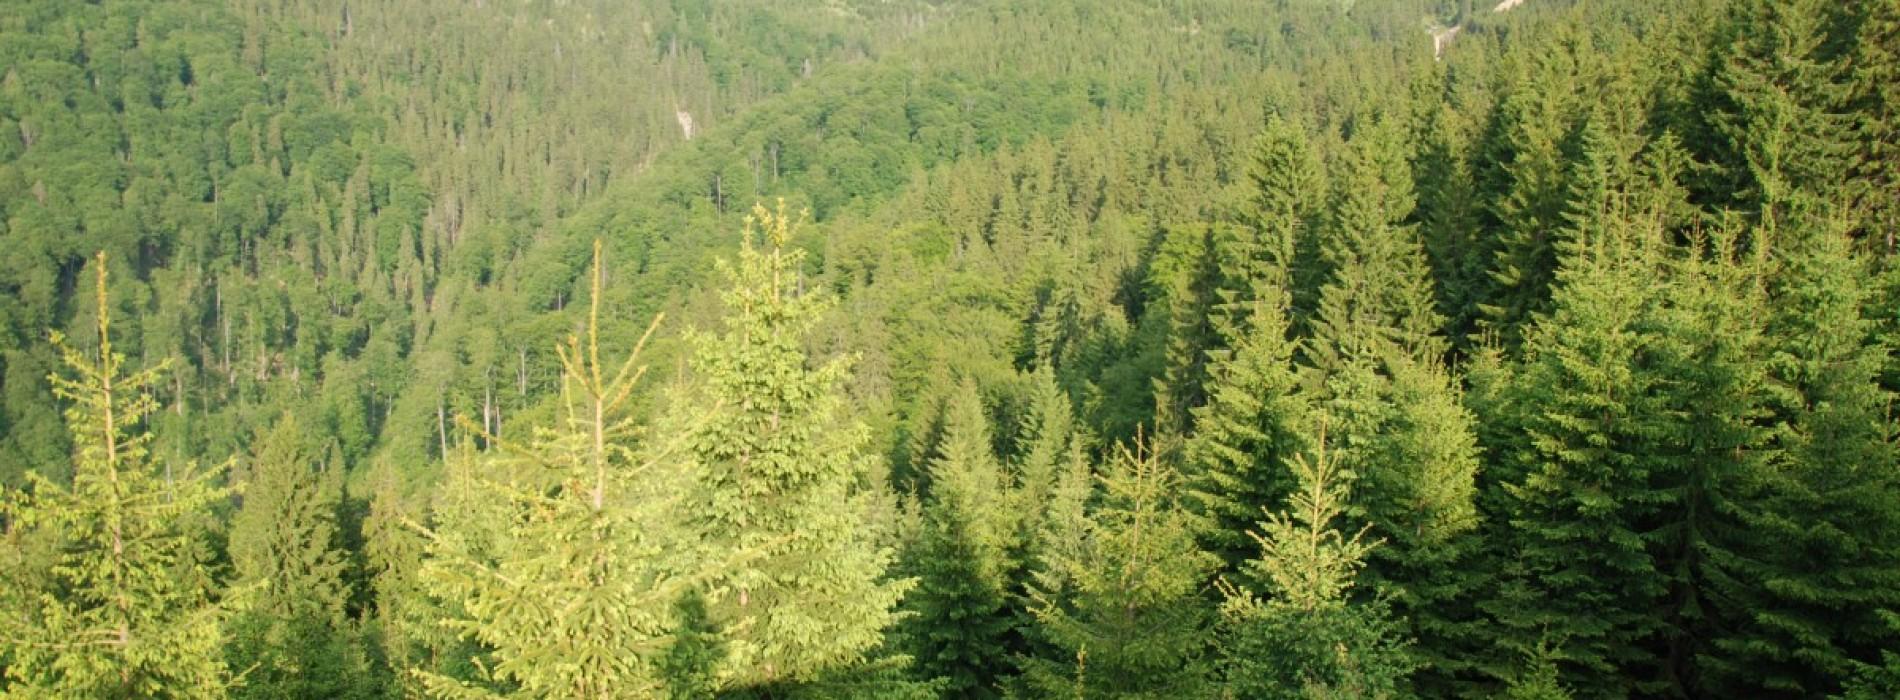 Stațiunea montană Straja, din Hunedoara, este vara loc de plimbare și relaxare